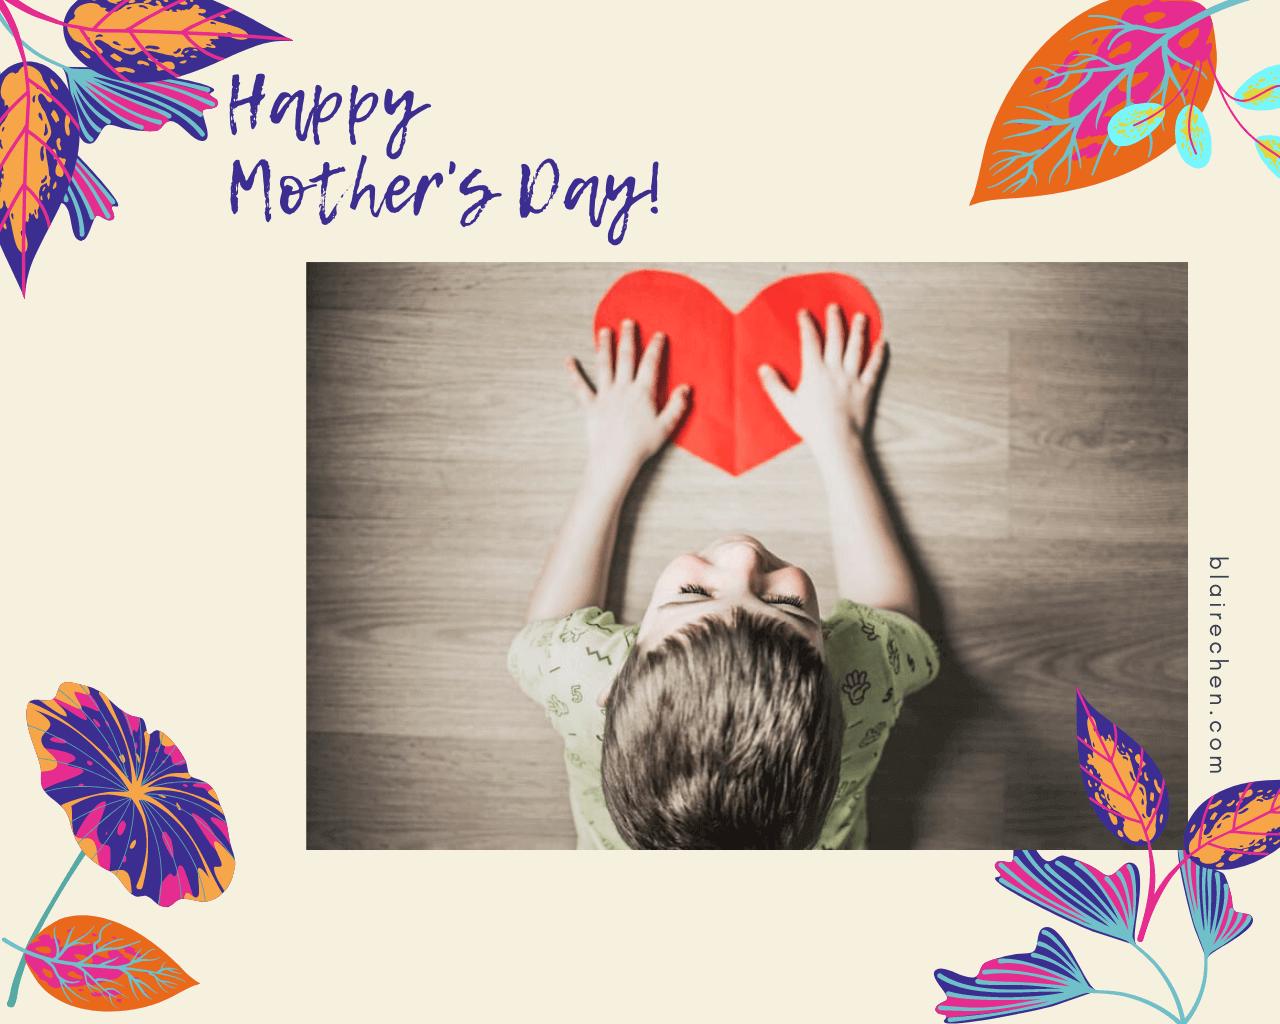 母親節將至、你看《哈囉掰掰,我是鬼媽媽》了嗎?每個媽媽都是獨一無二,在這特別的日子把愛說出來!(微雷慎入)